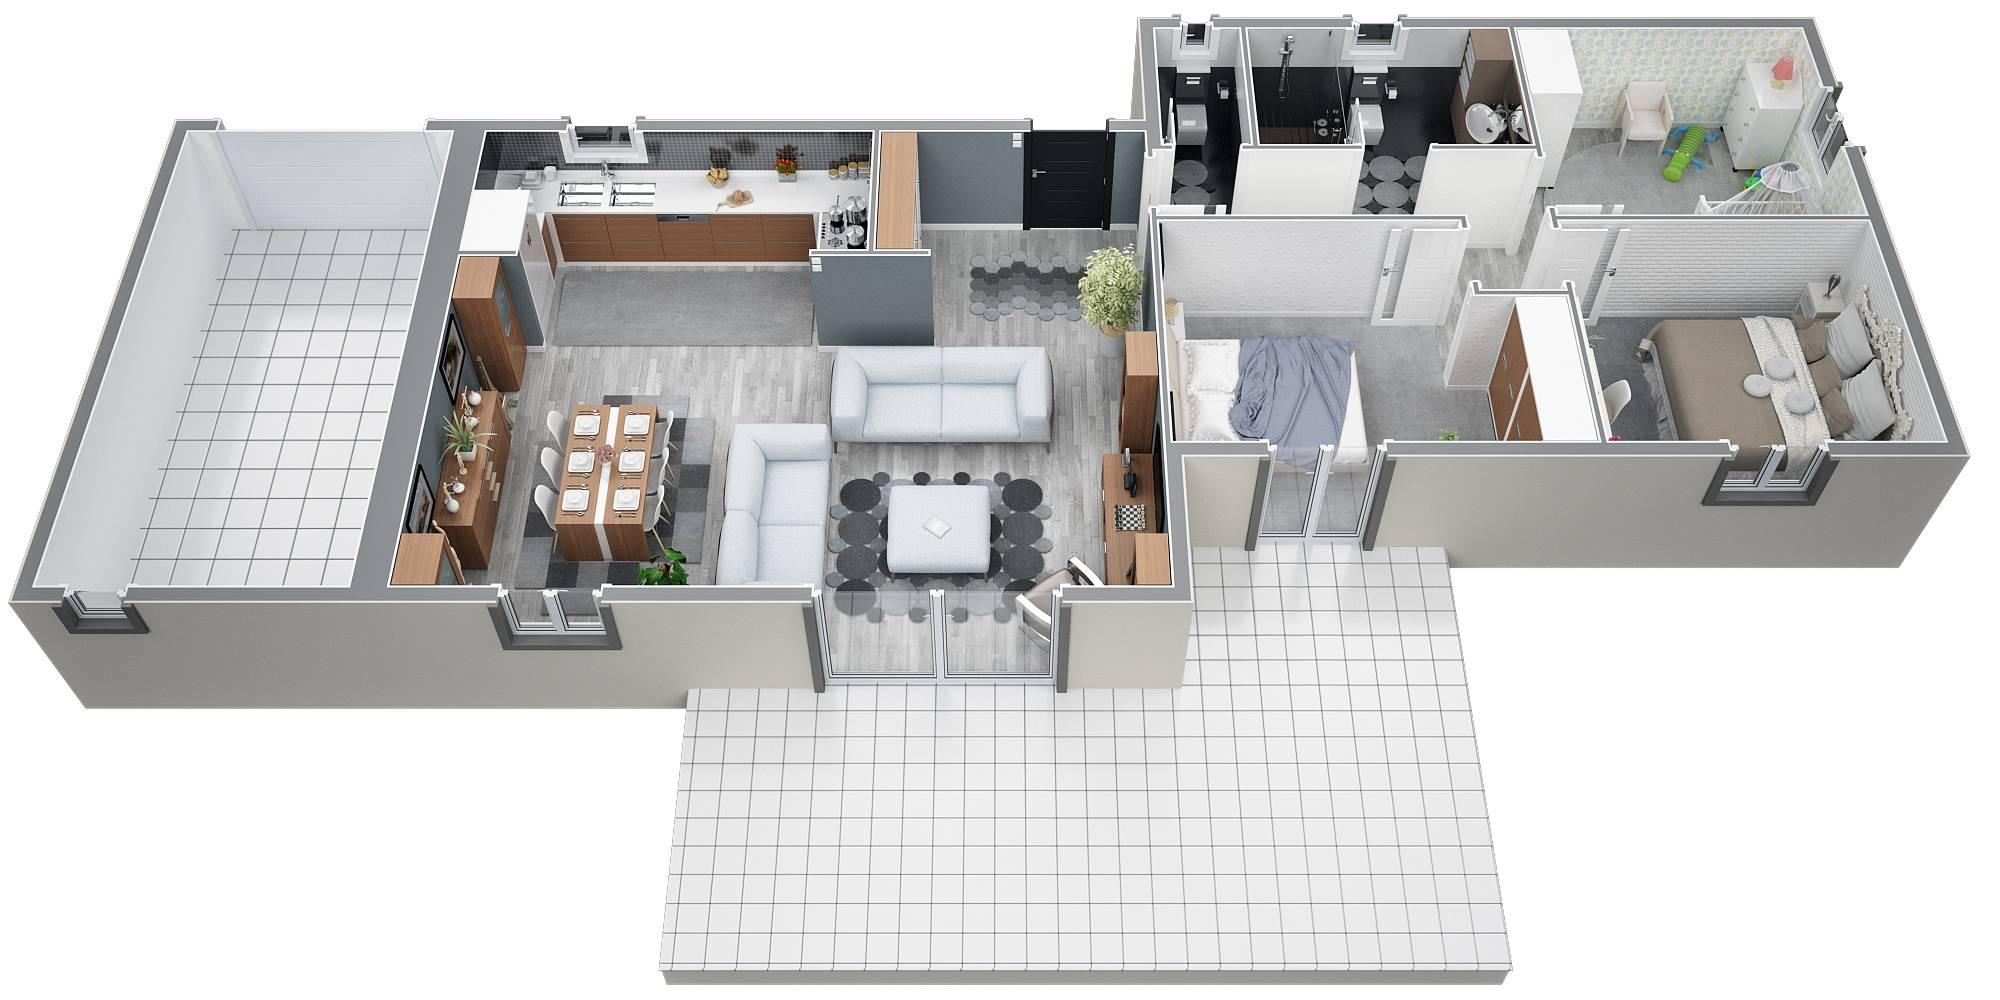 luxe plan de maison plain pied 3 chambres | ravizh.com - Plan Maison Plain Pied 100m2 3 Chambres